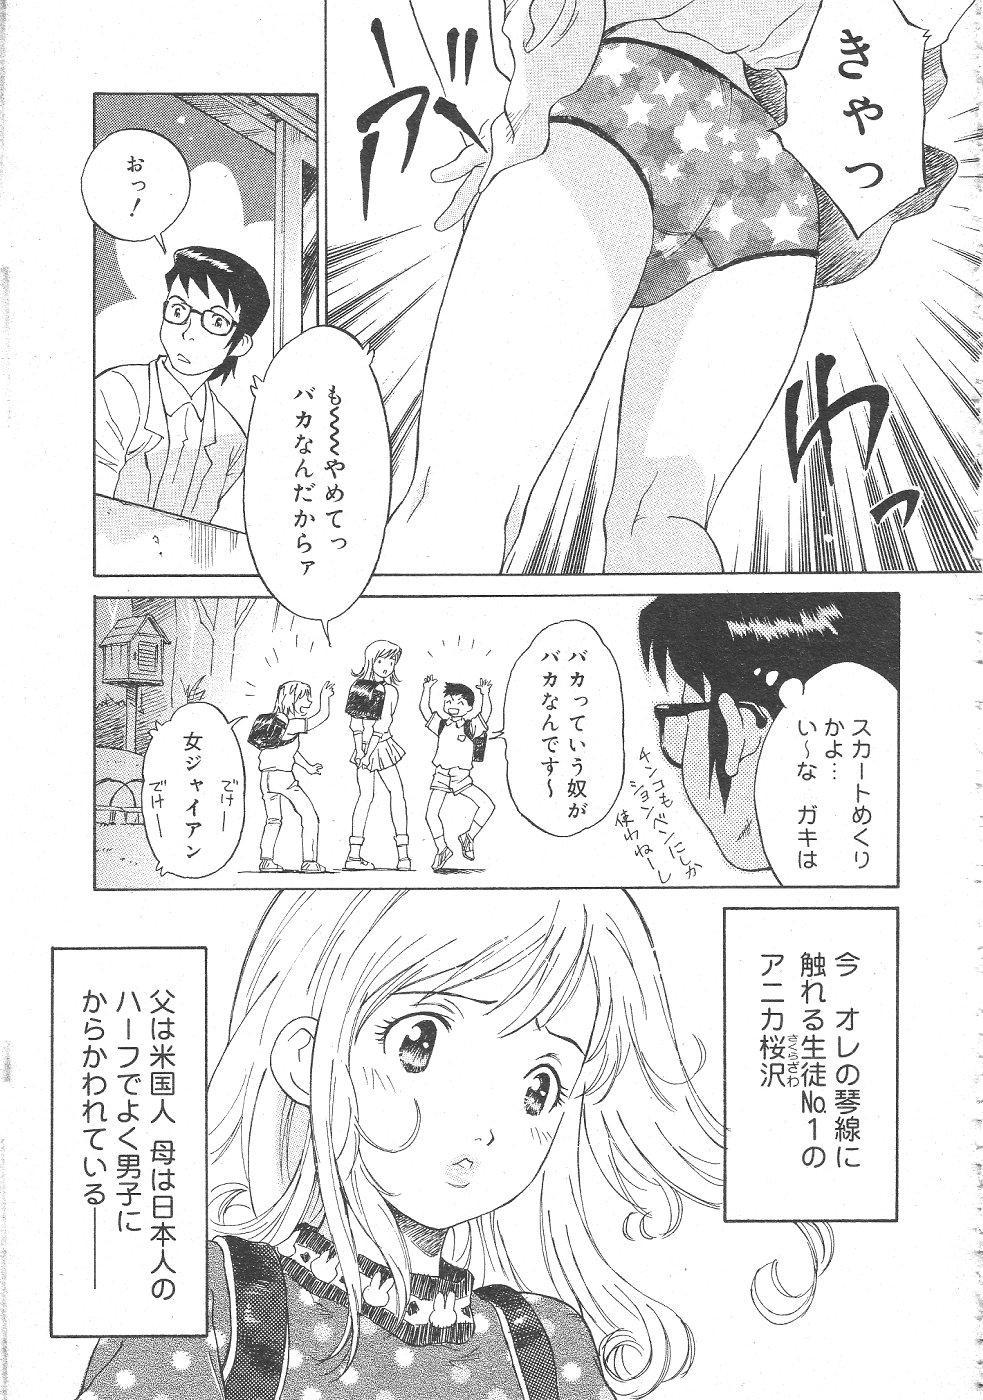 Gekkan Comic Muga 2004-06 Vol.10 210